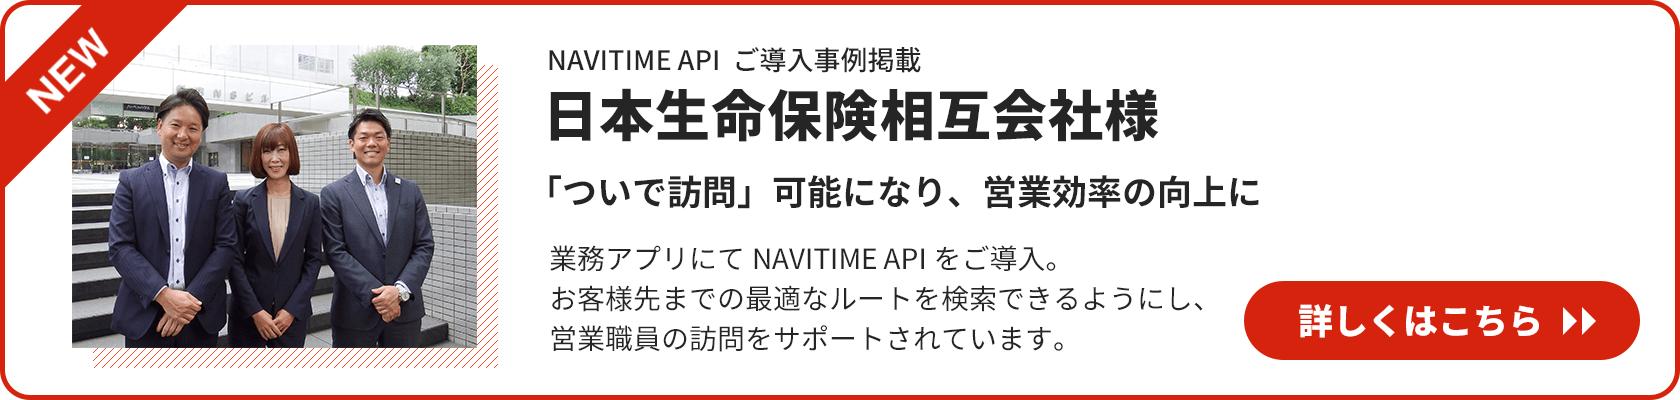 導入事例 - 日本生命保険相互会社様